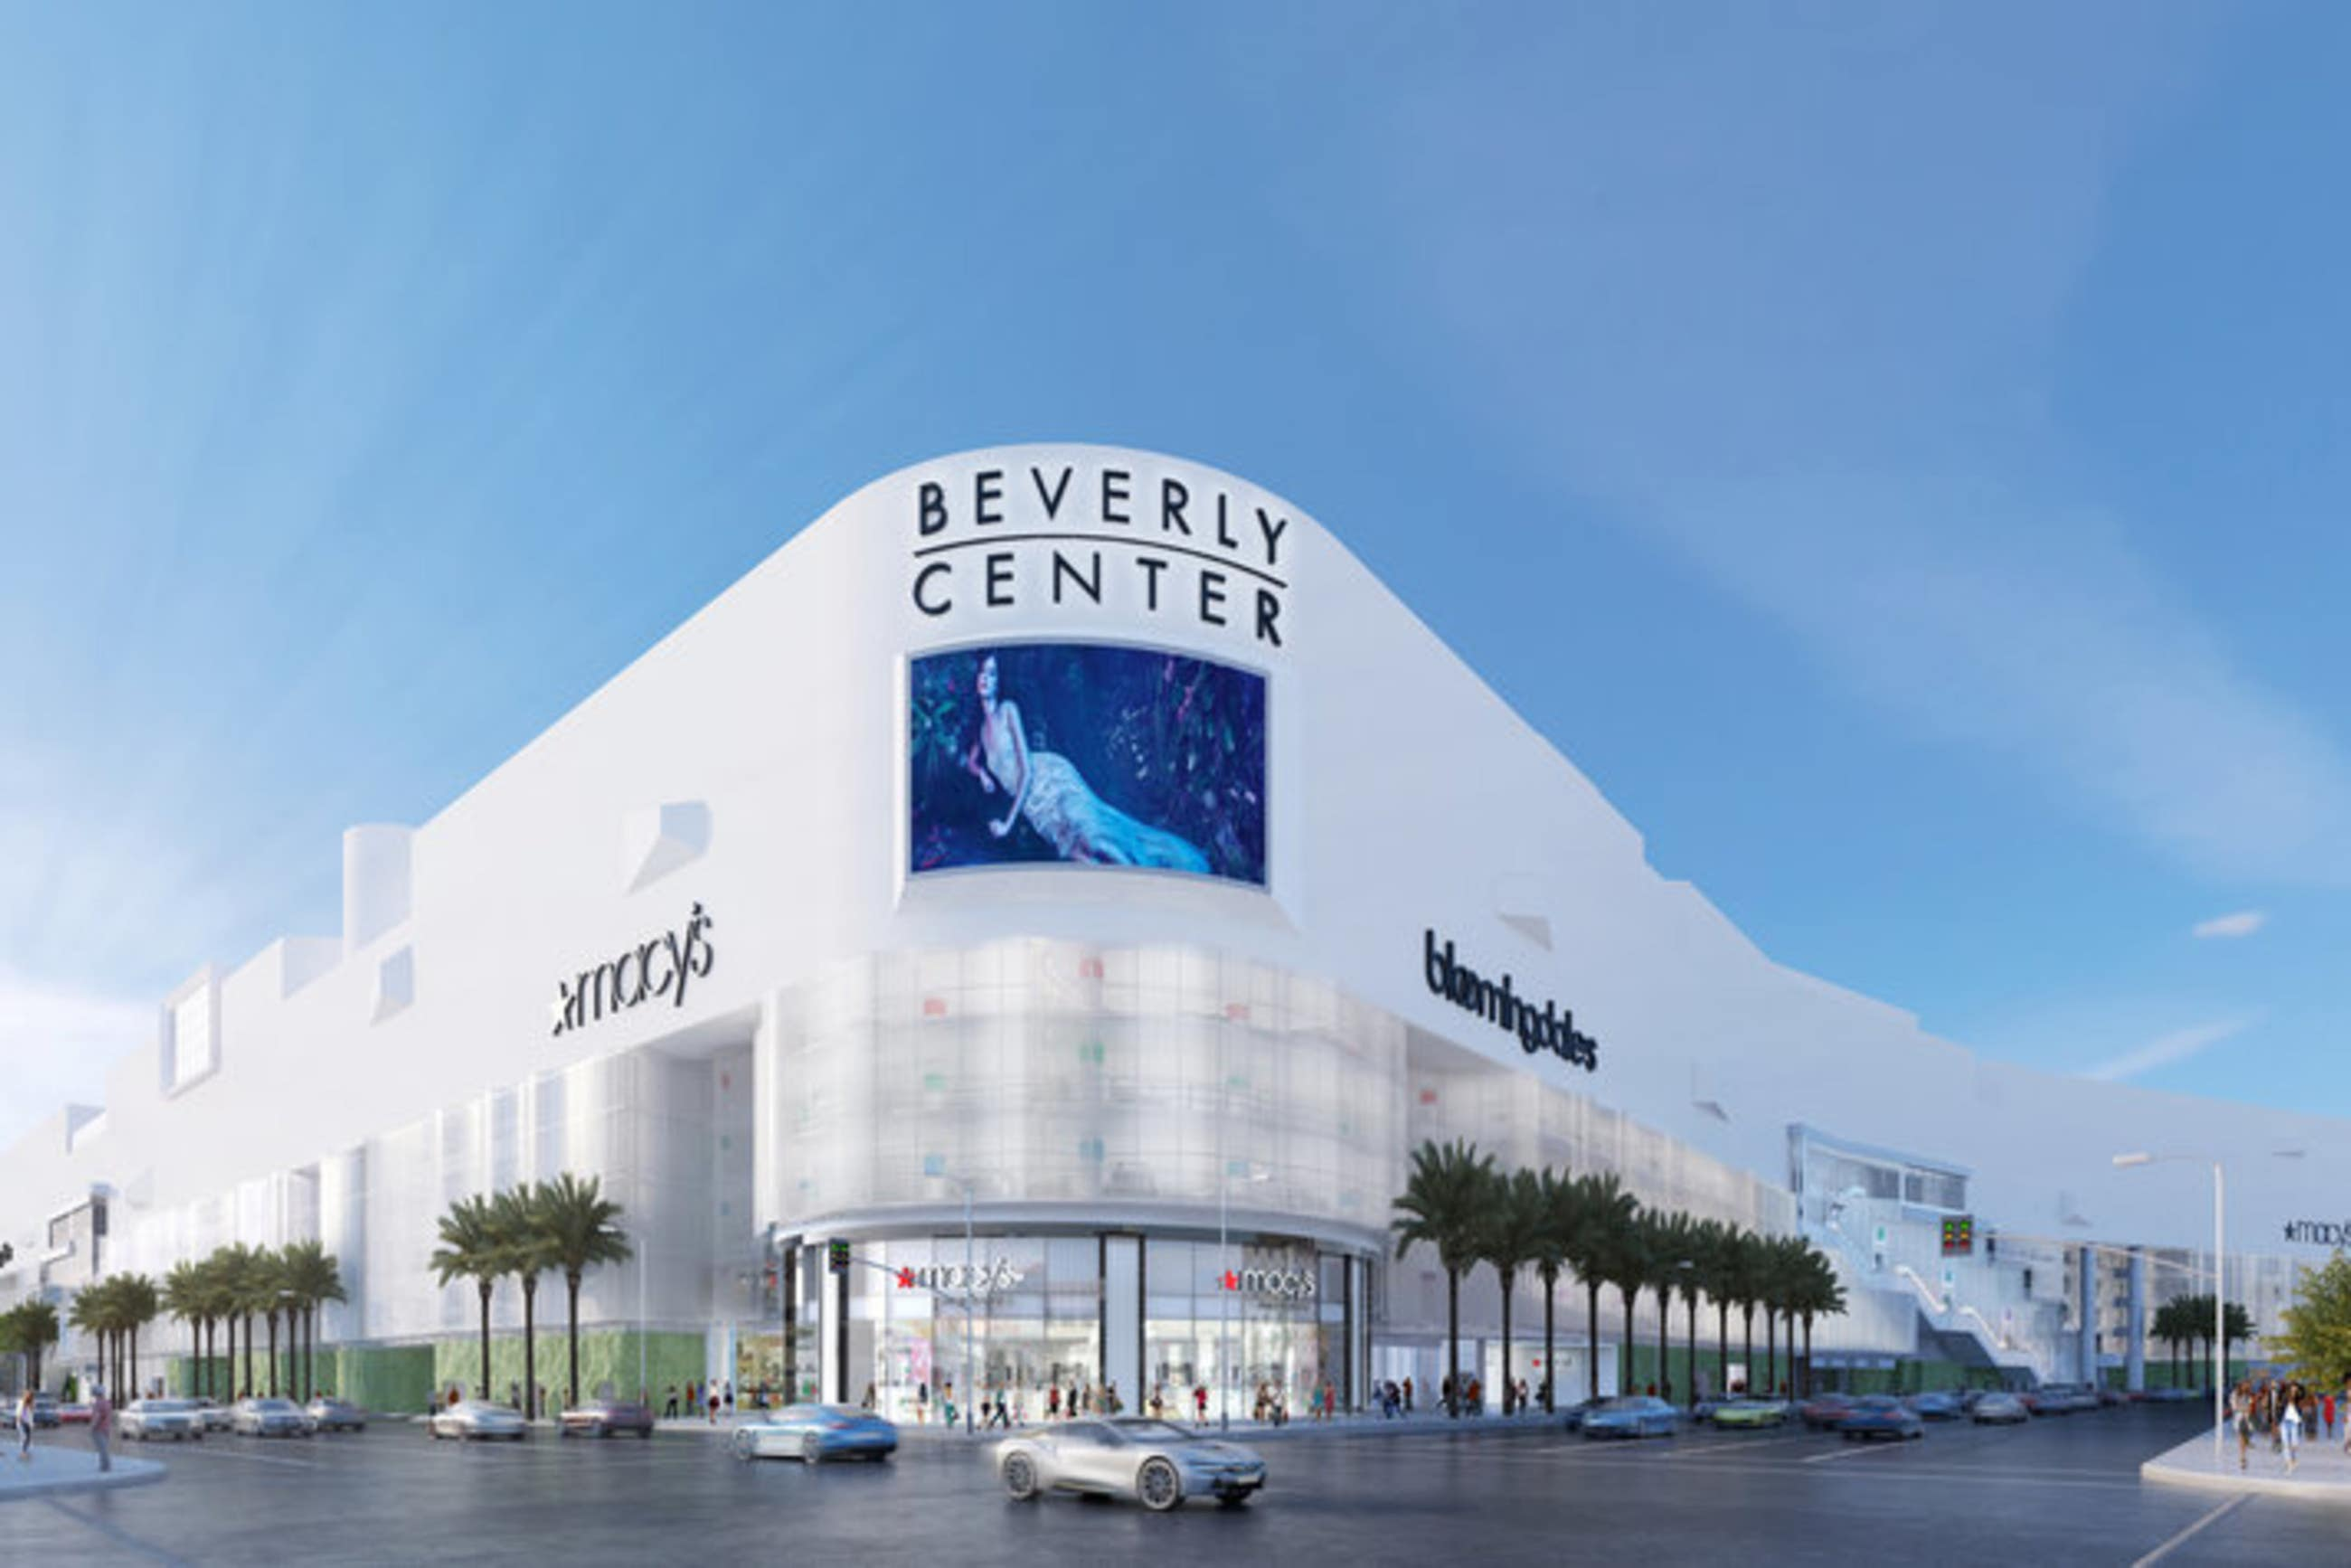 Macy's Beverly Center